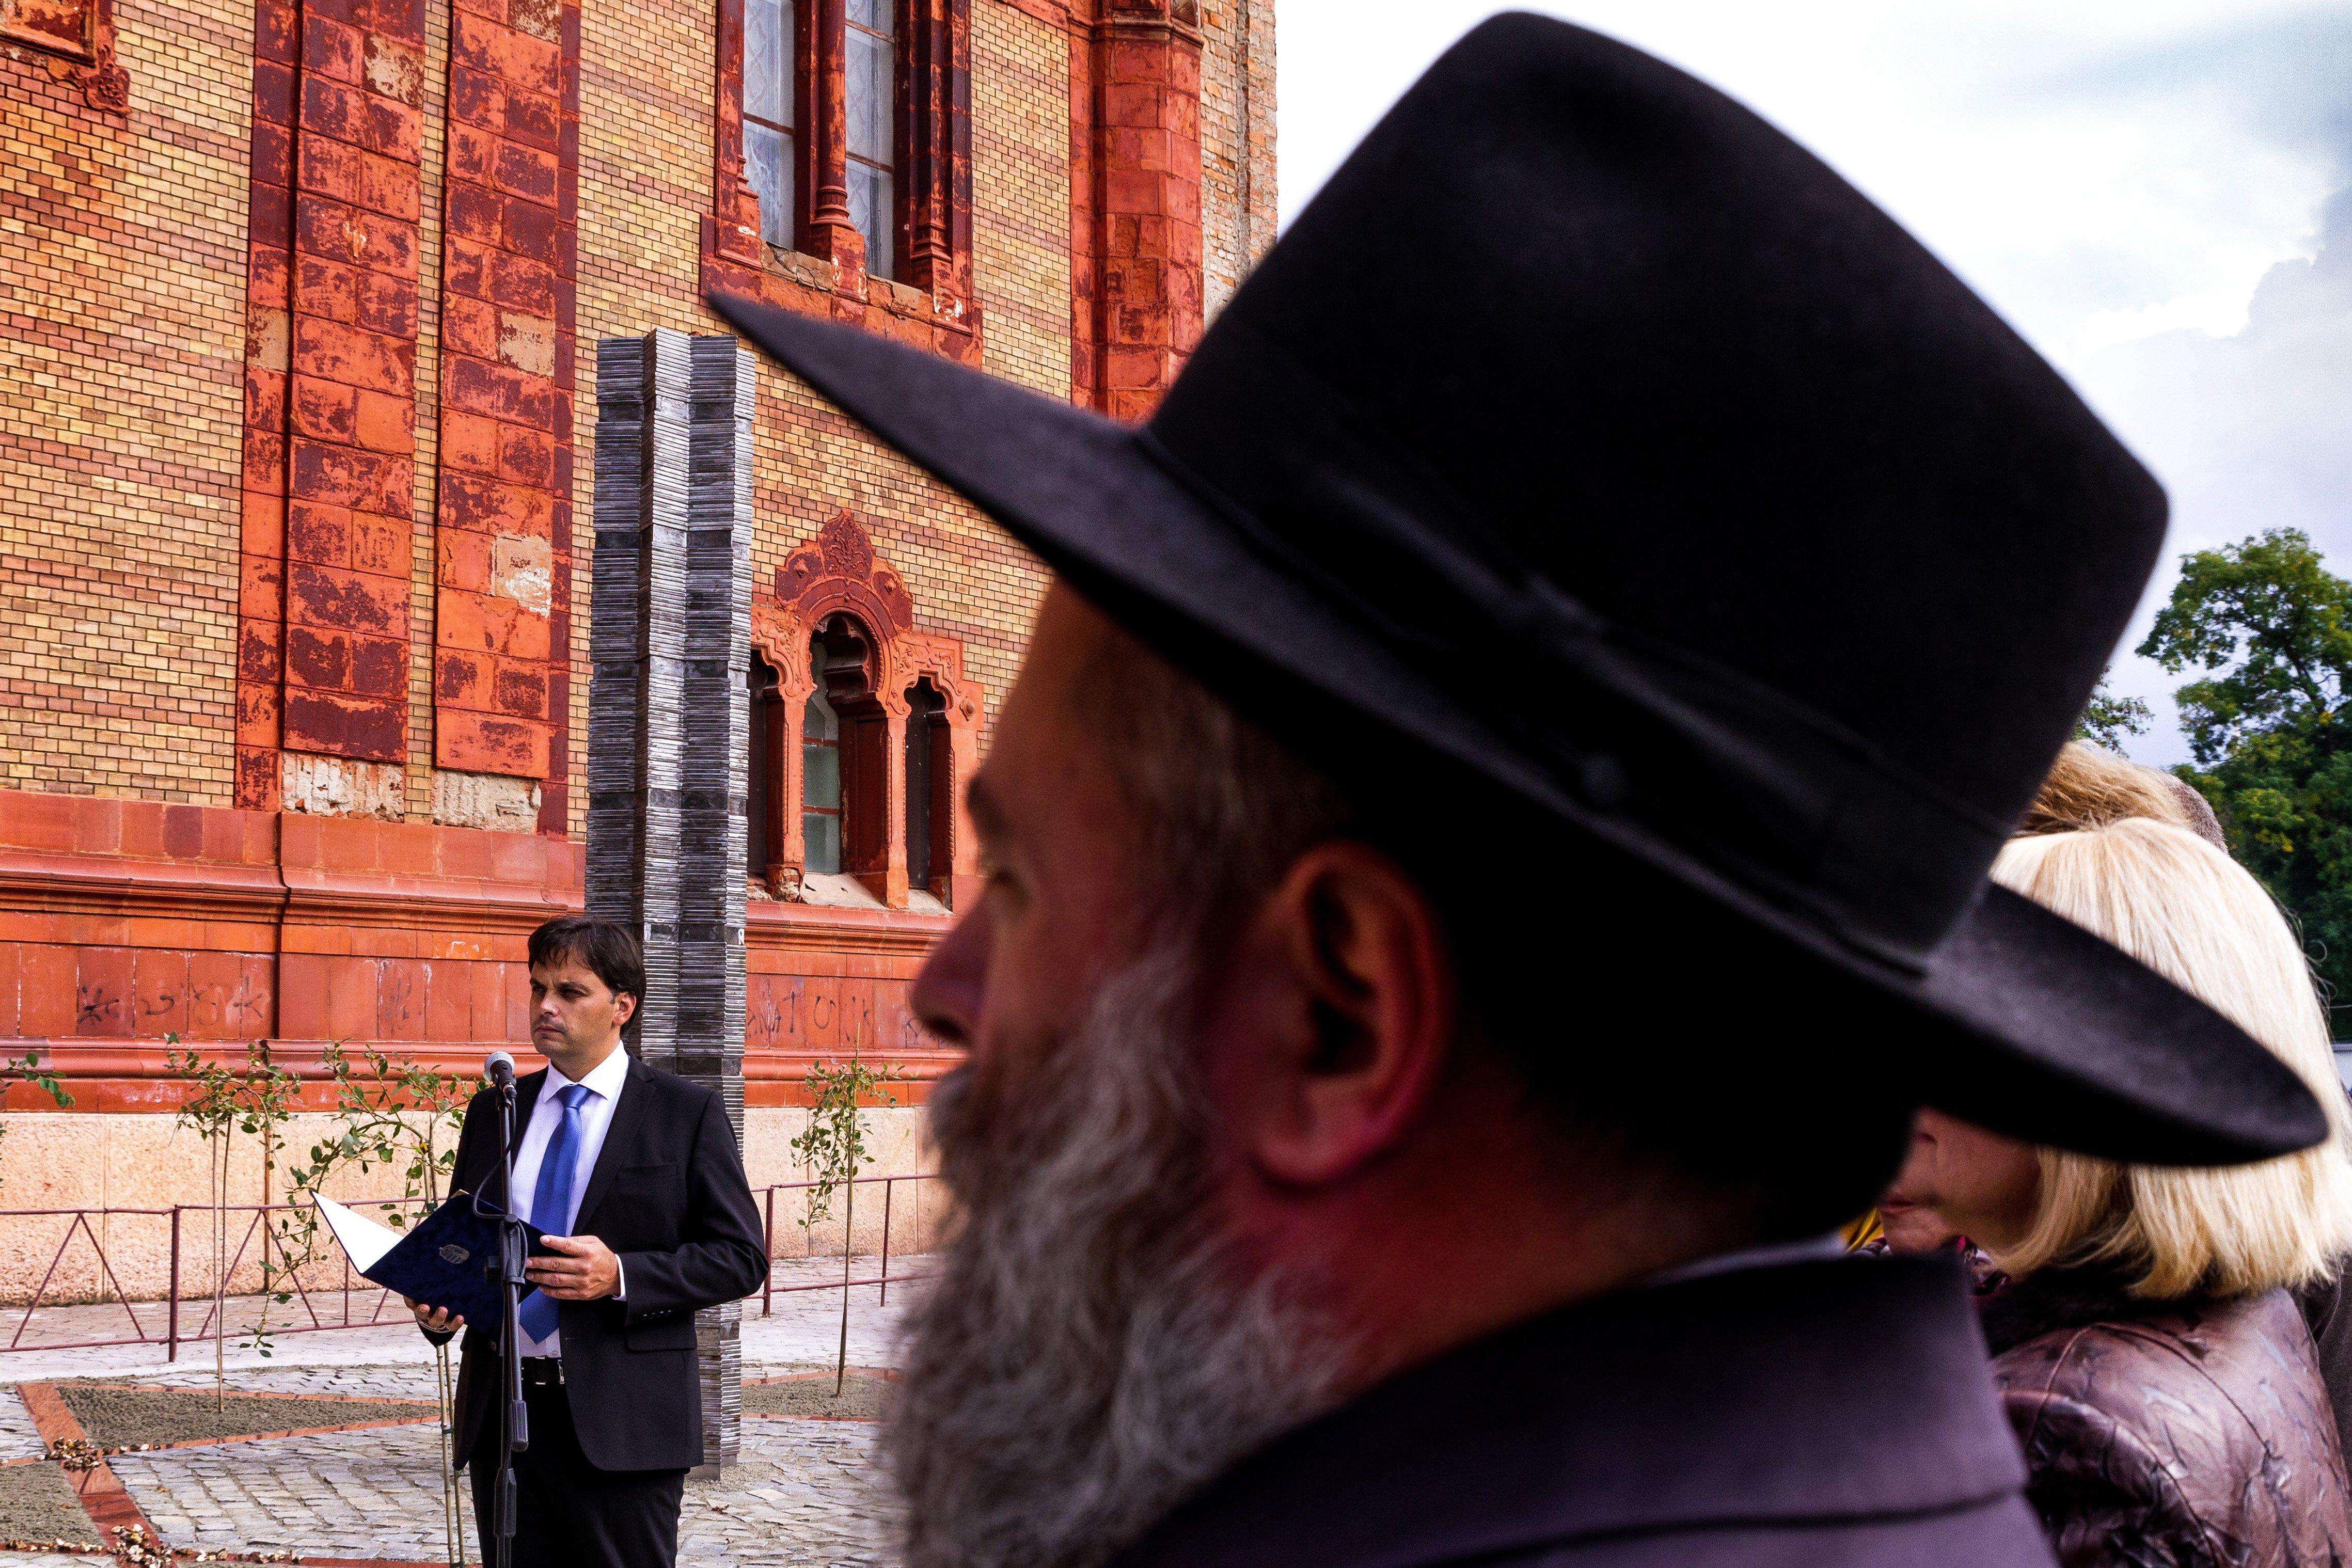 Ungvár, 2016. október 9. Latorcai Csaba, a Miniszterelnökség kiemelt társadalmi ügyekért felelõs helyettes államtitkára (b) beszédet mond a magyar kormány támogatásával készült holokauszt-emlékmû avatásán Ungváron 2016. október 9-én. Az emlékmû Mihajlo Kolodko ungvári szobrász alkotása, a teret Szarvas Gábor ungvári építész tervezte. MTI Fotó: Nemes János